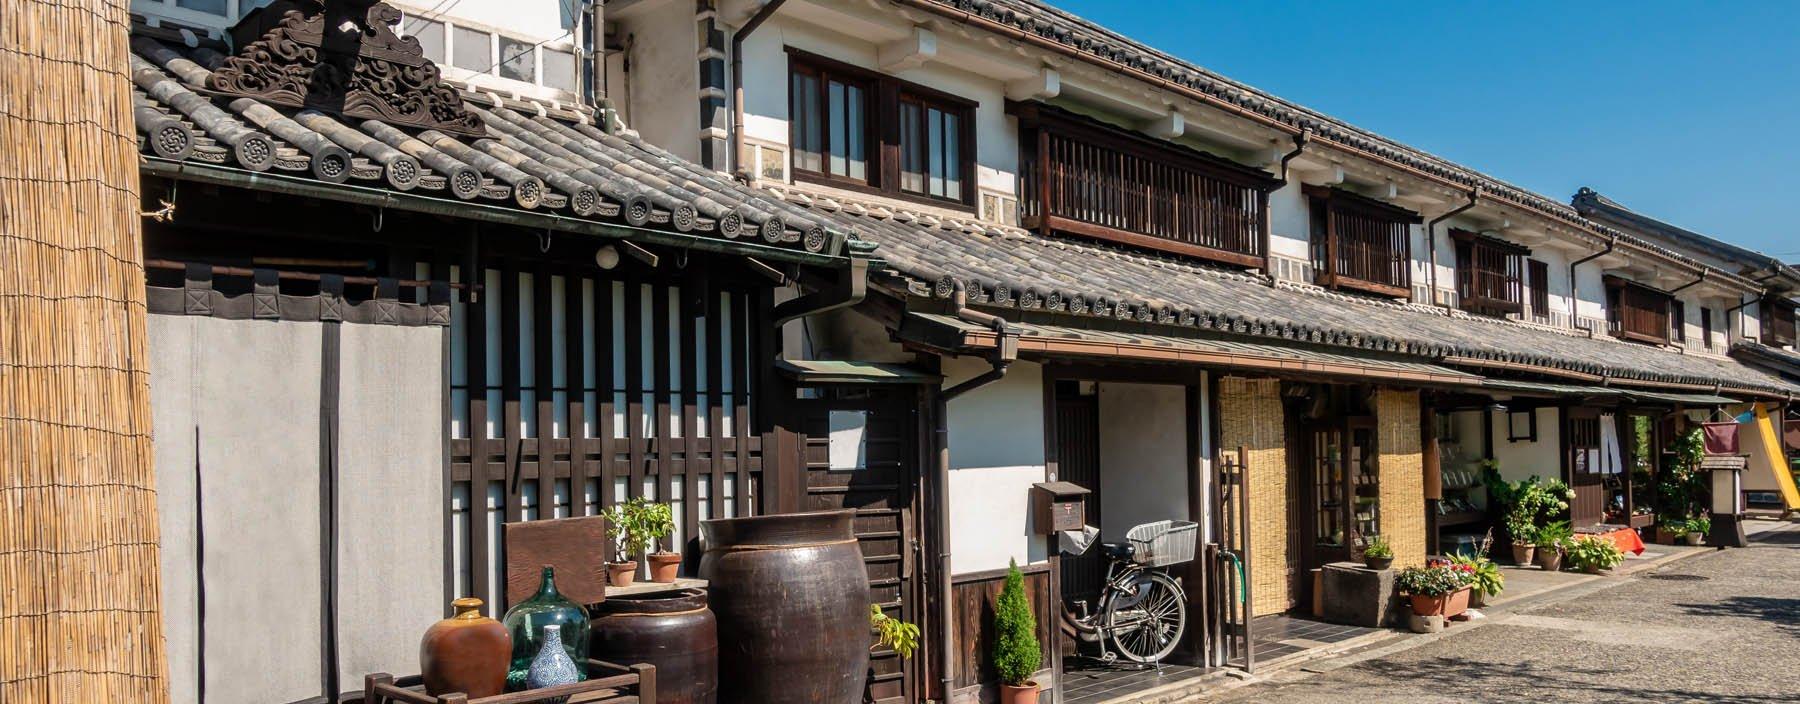 jp, kurashiki, straat in kurashiki.jpg